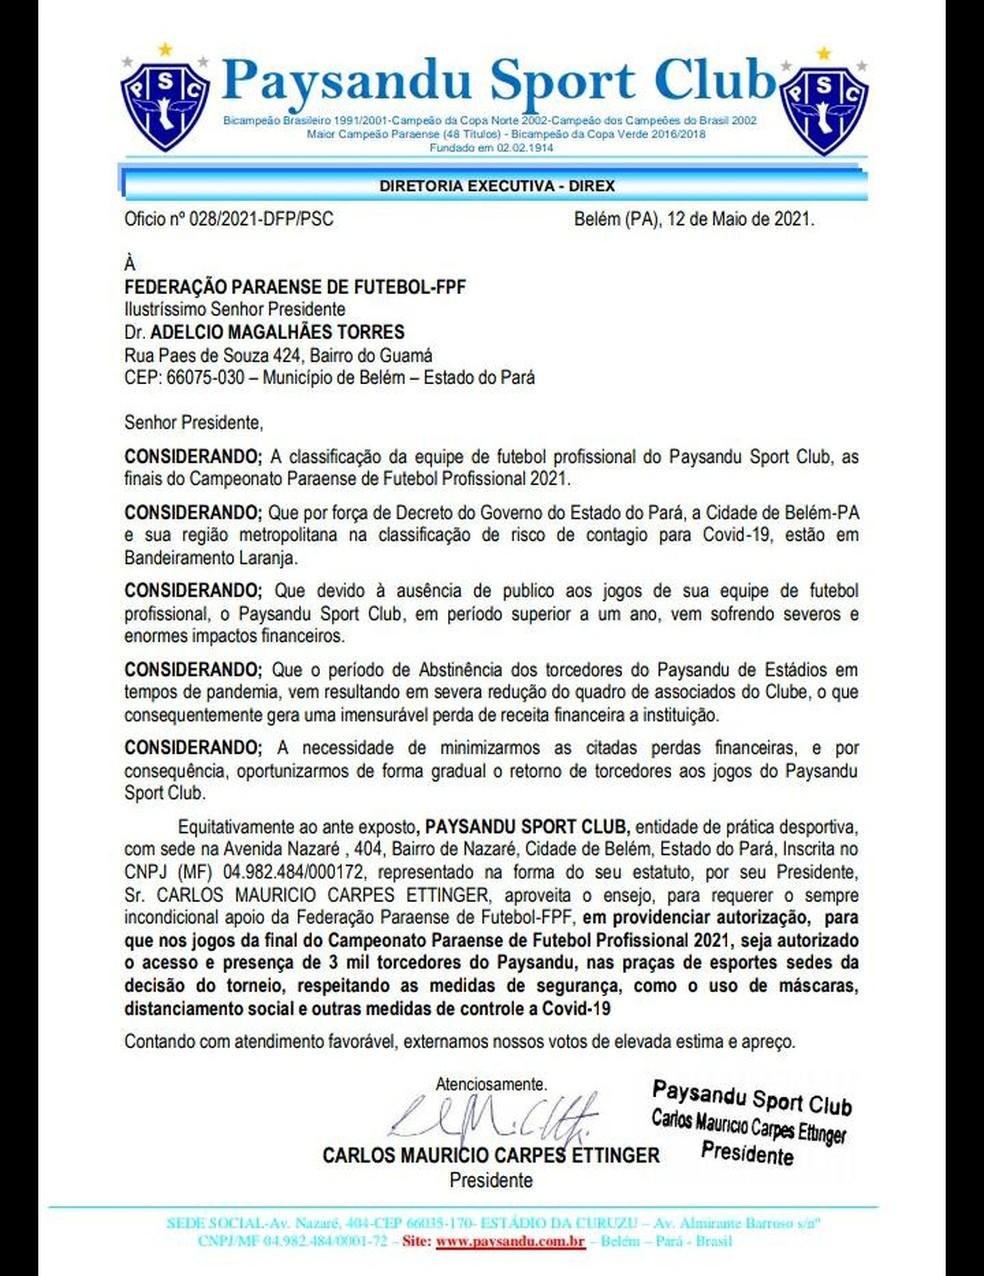 Ofício do Paysandu enviado à FPF solicitando a liberação de público na final do Parazão — Foto: Divulgação/Paysandu Sport Club